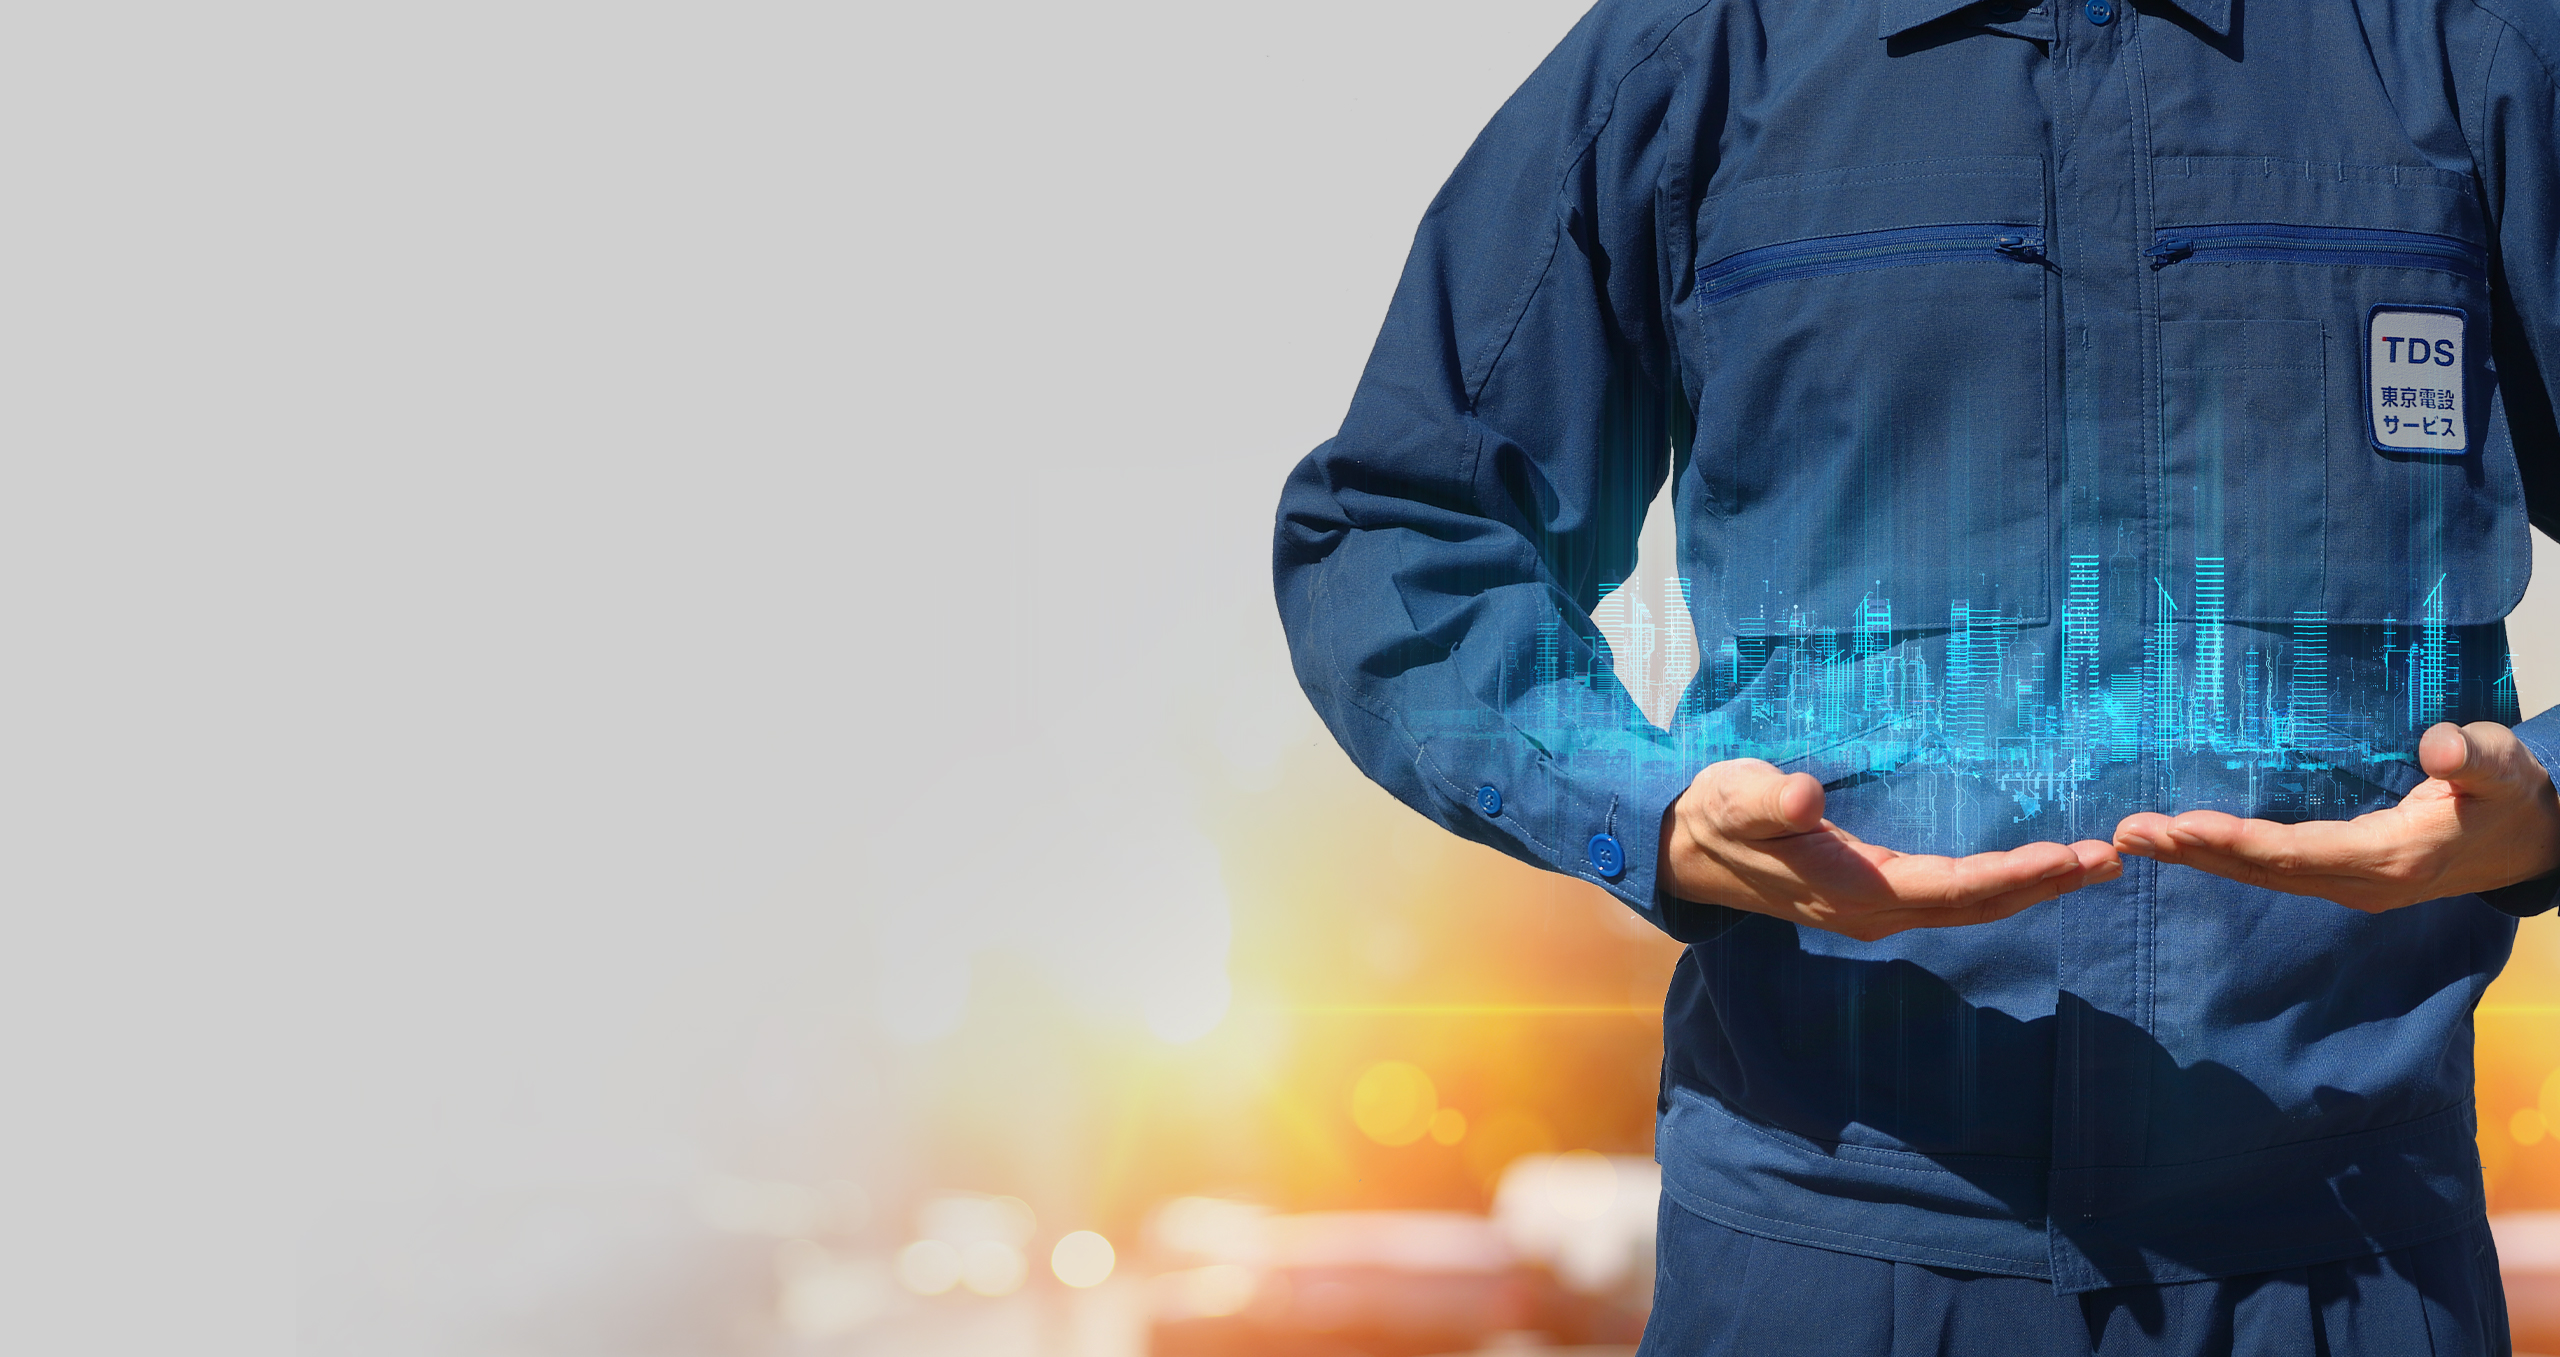 東京電設サービス株式会社(TDS)は、電気設備や土木・コンクリート構造物、橋梁・鉄塔・鋼構造物、再生可能エネルギー設備など幅広い分野の社会インフラ設備を対象に、コンサルティングから設計、工事、点検・診断、監視・制御、人財育成までトータルサービスを展開しています。